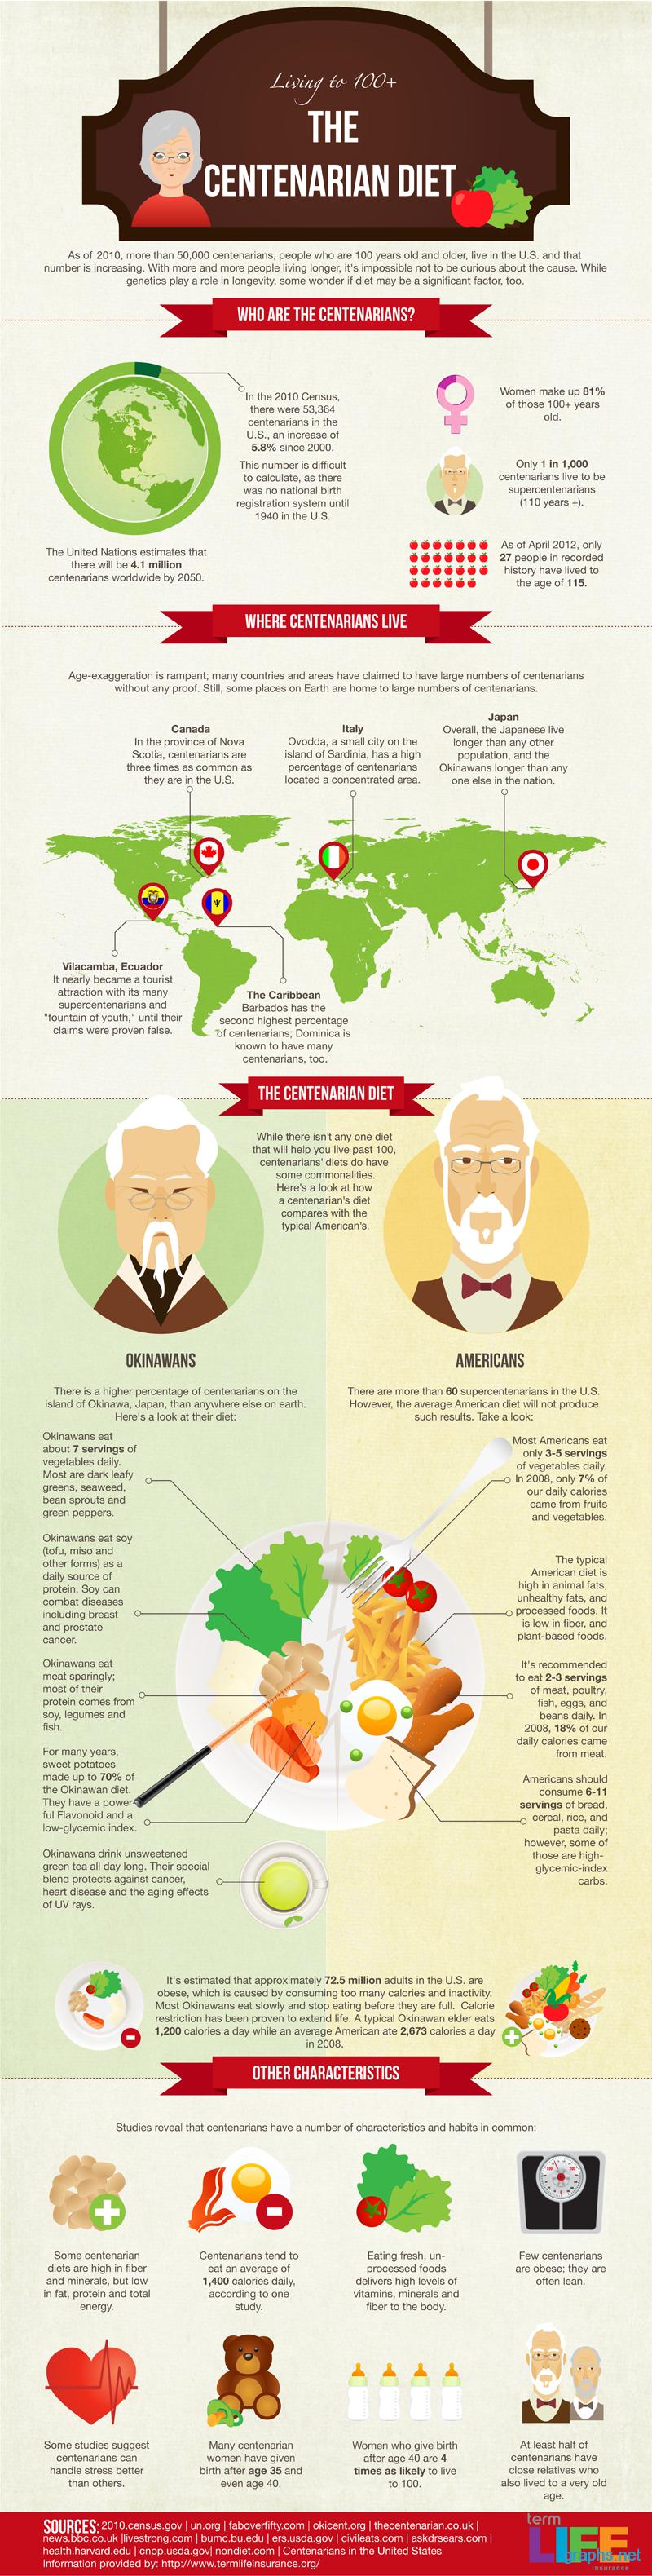 centenarian diet secrets